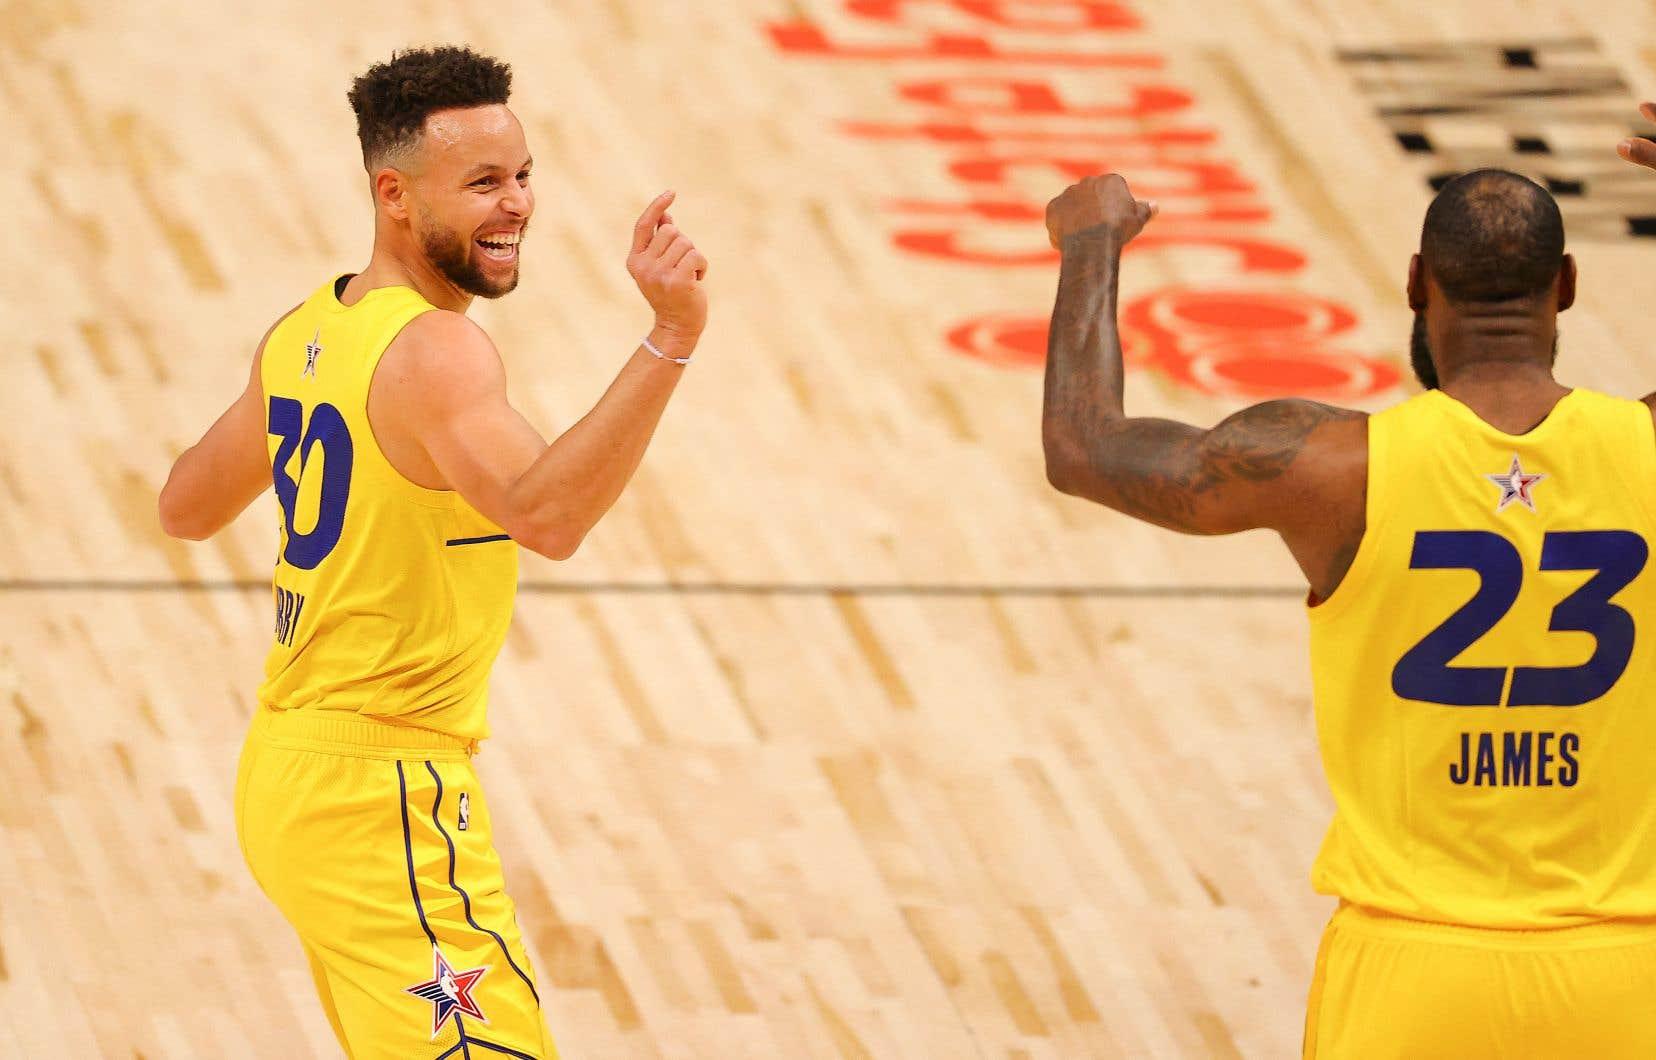 James a sélectionné ses deux anciens adversaires,Giannis Antetokounmpoet Stephen Curry (en photo, à gauche) pour créer une équipe dominante qui n'a donné aucune chance à la formation de Durant.